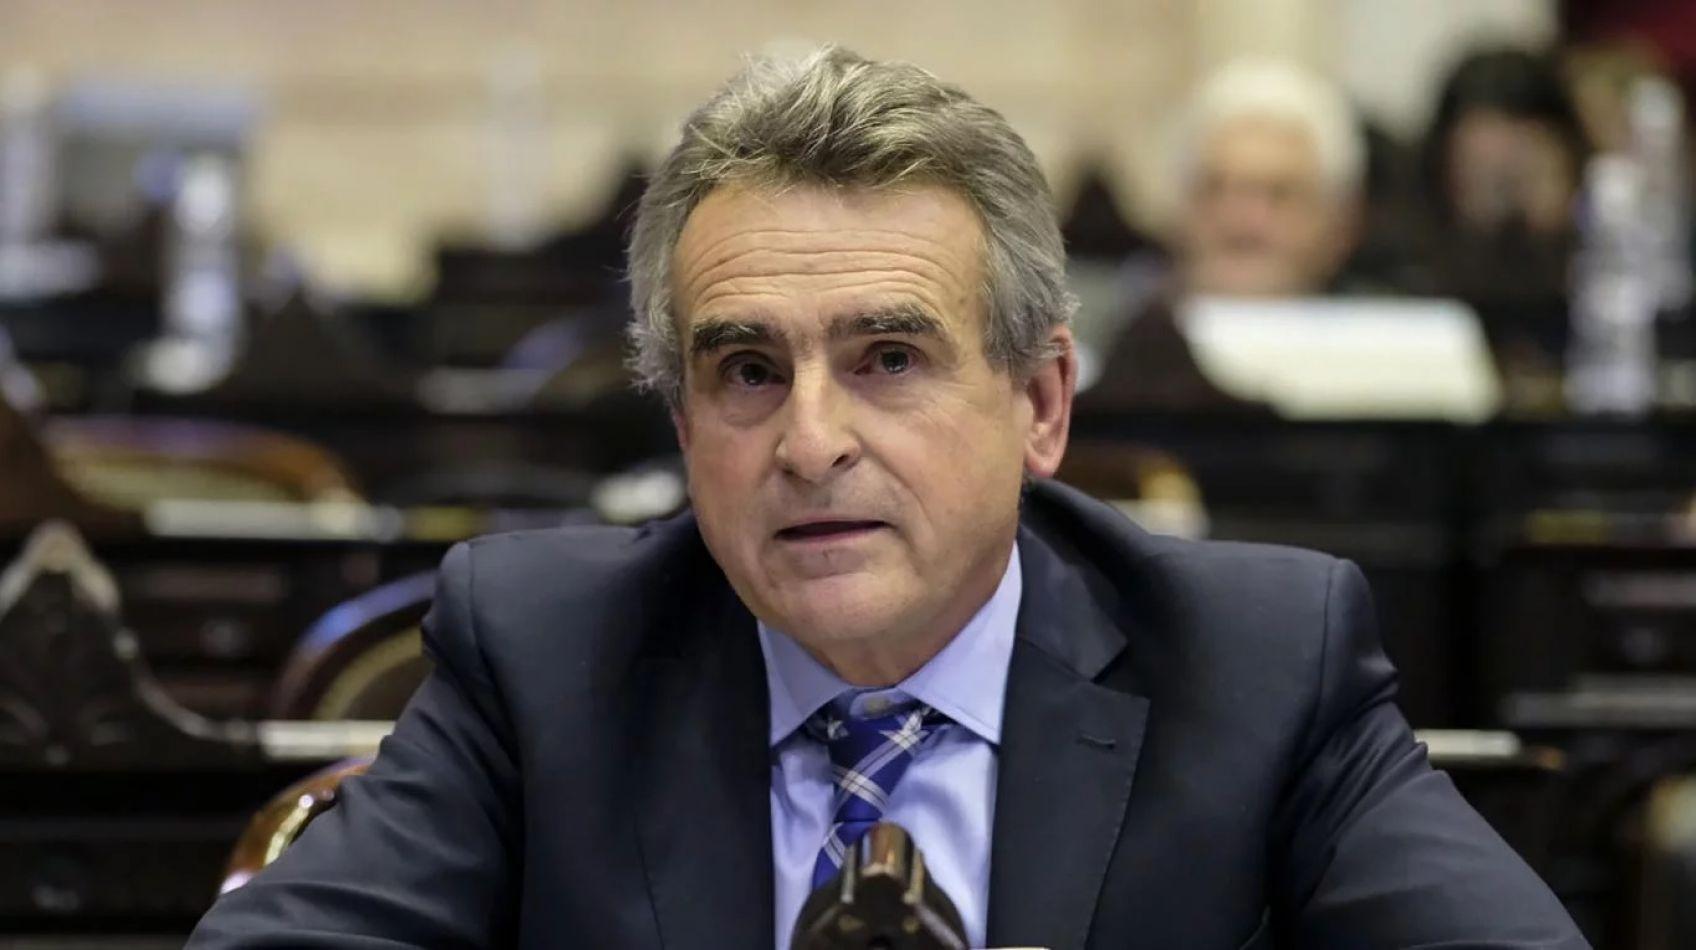 Llega a Salta el ministro de Defensa, Agustín Rossi, para supervisar obras